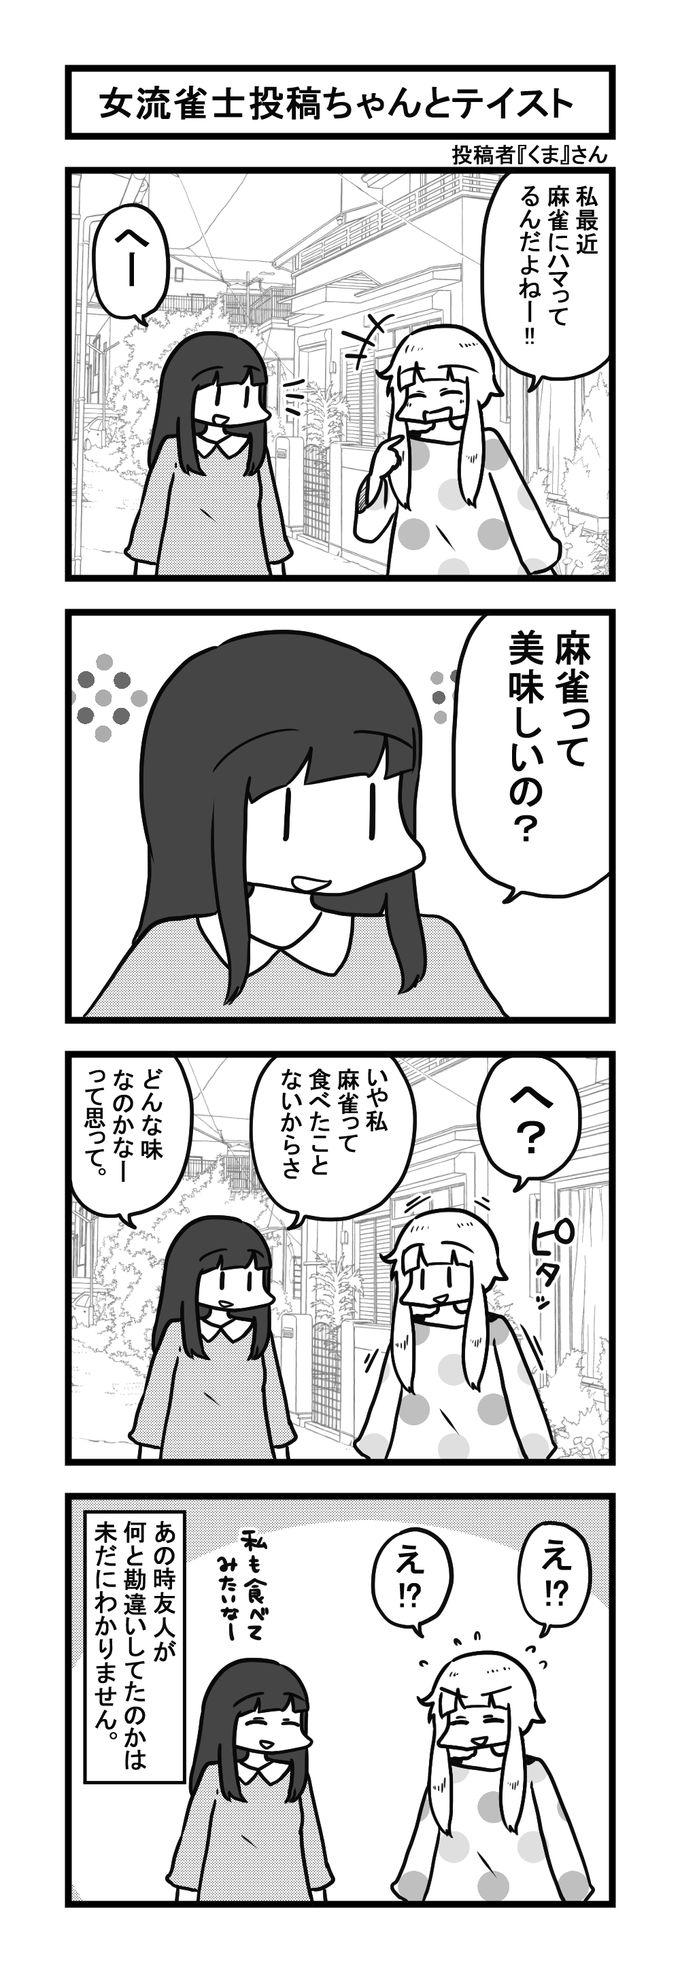 797女流雀士投稿ちゃんとテイスト (1)_result